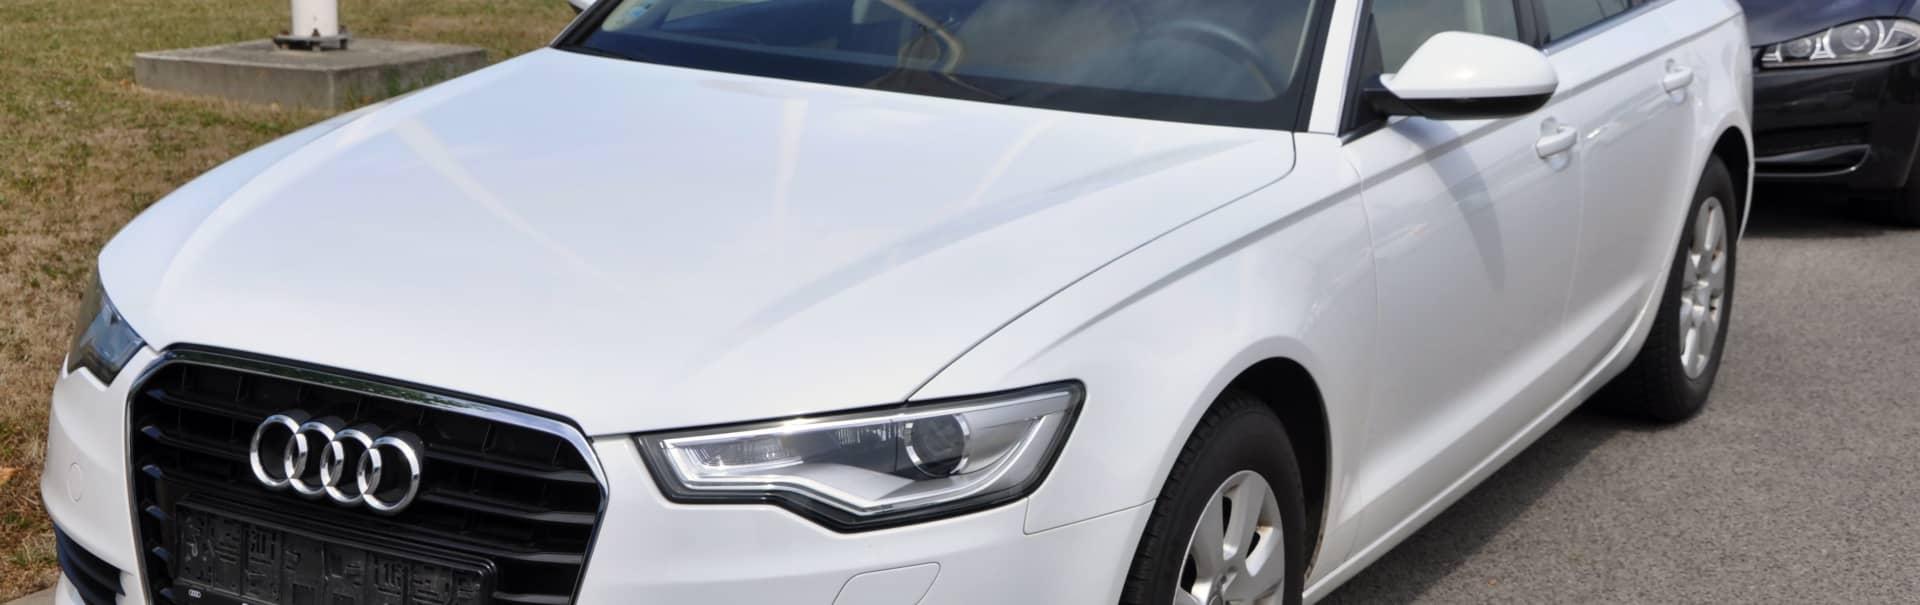 Audi muss hohen Schadensersatz an A6-Besitzer zahlen